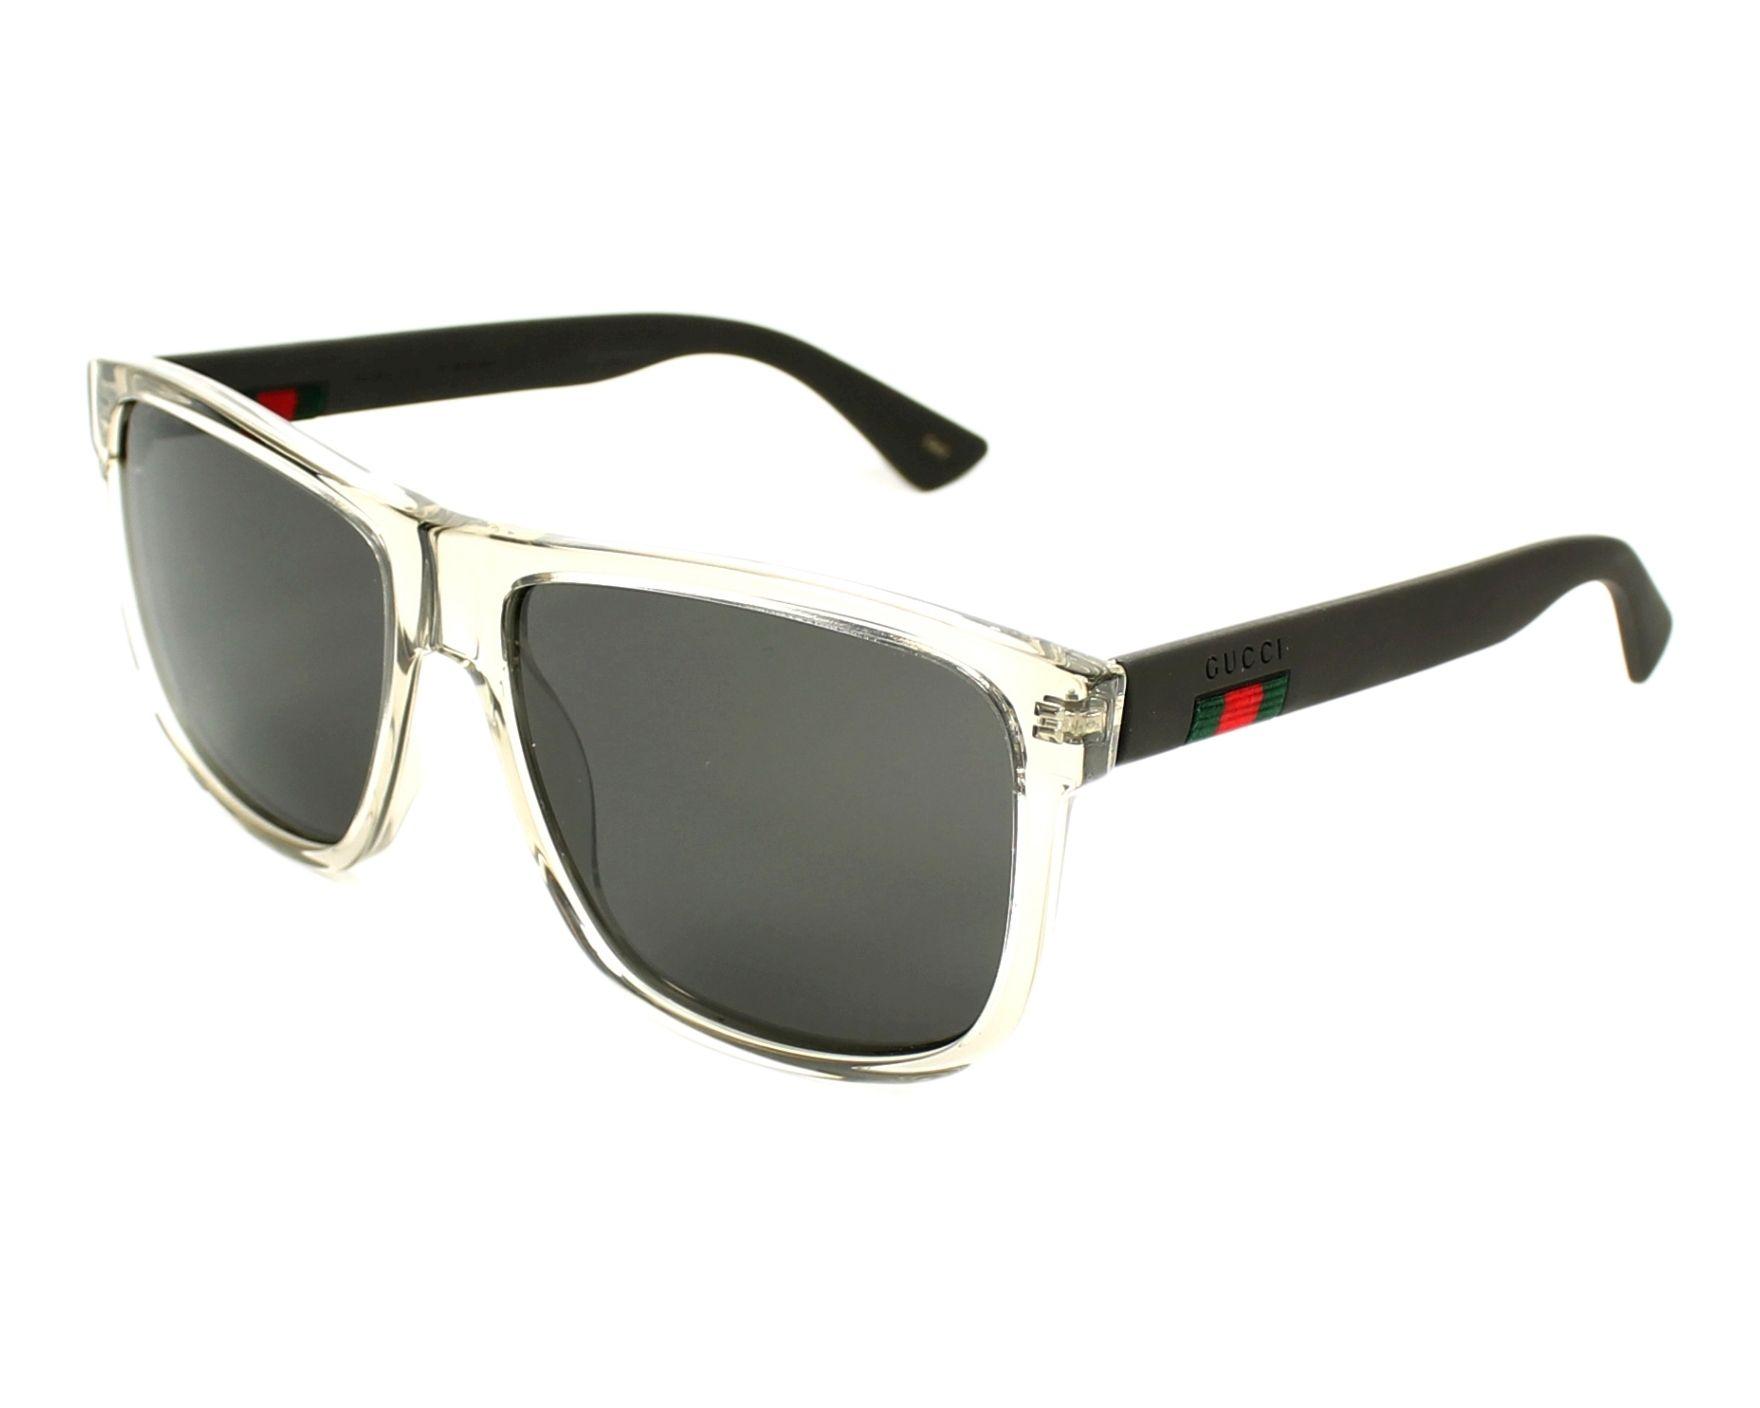 Sunglasses Gucci GG-0010-S 005 58-16 Grey Grey profile view 763c34ca1f38